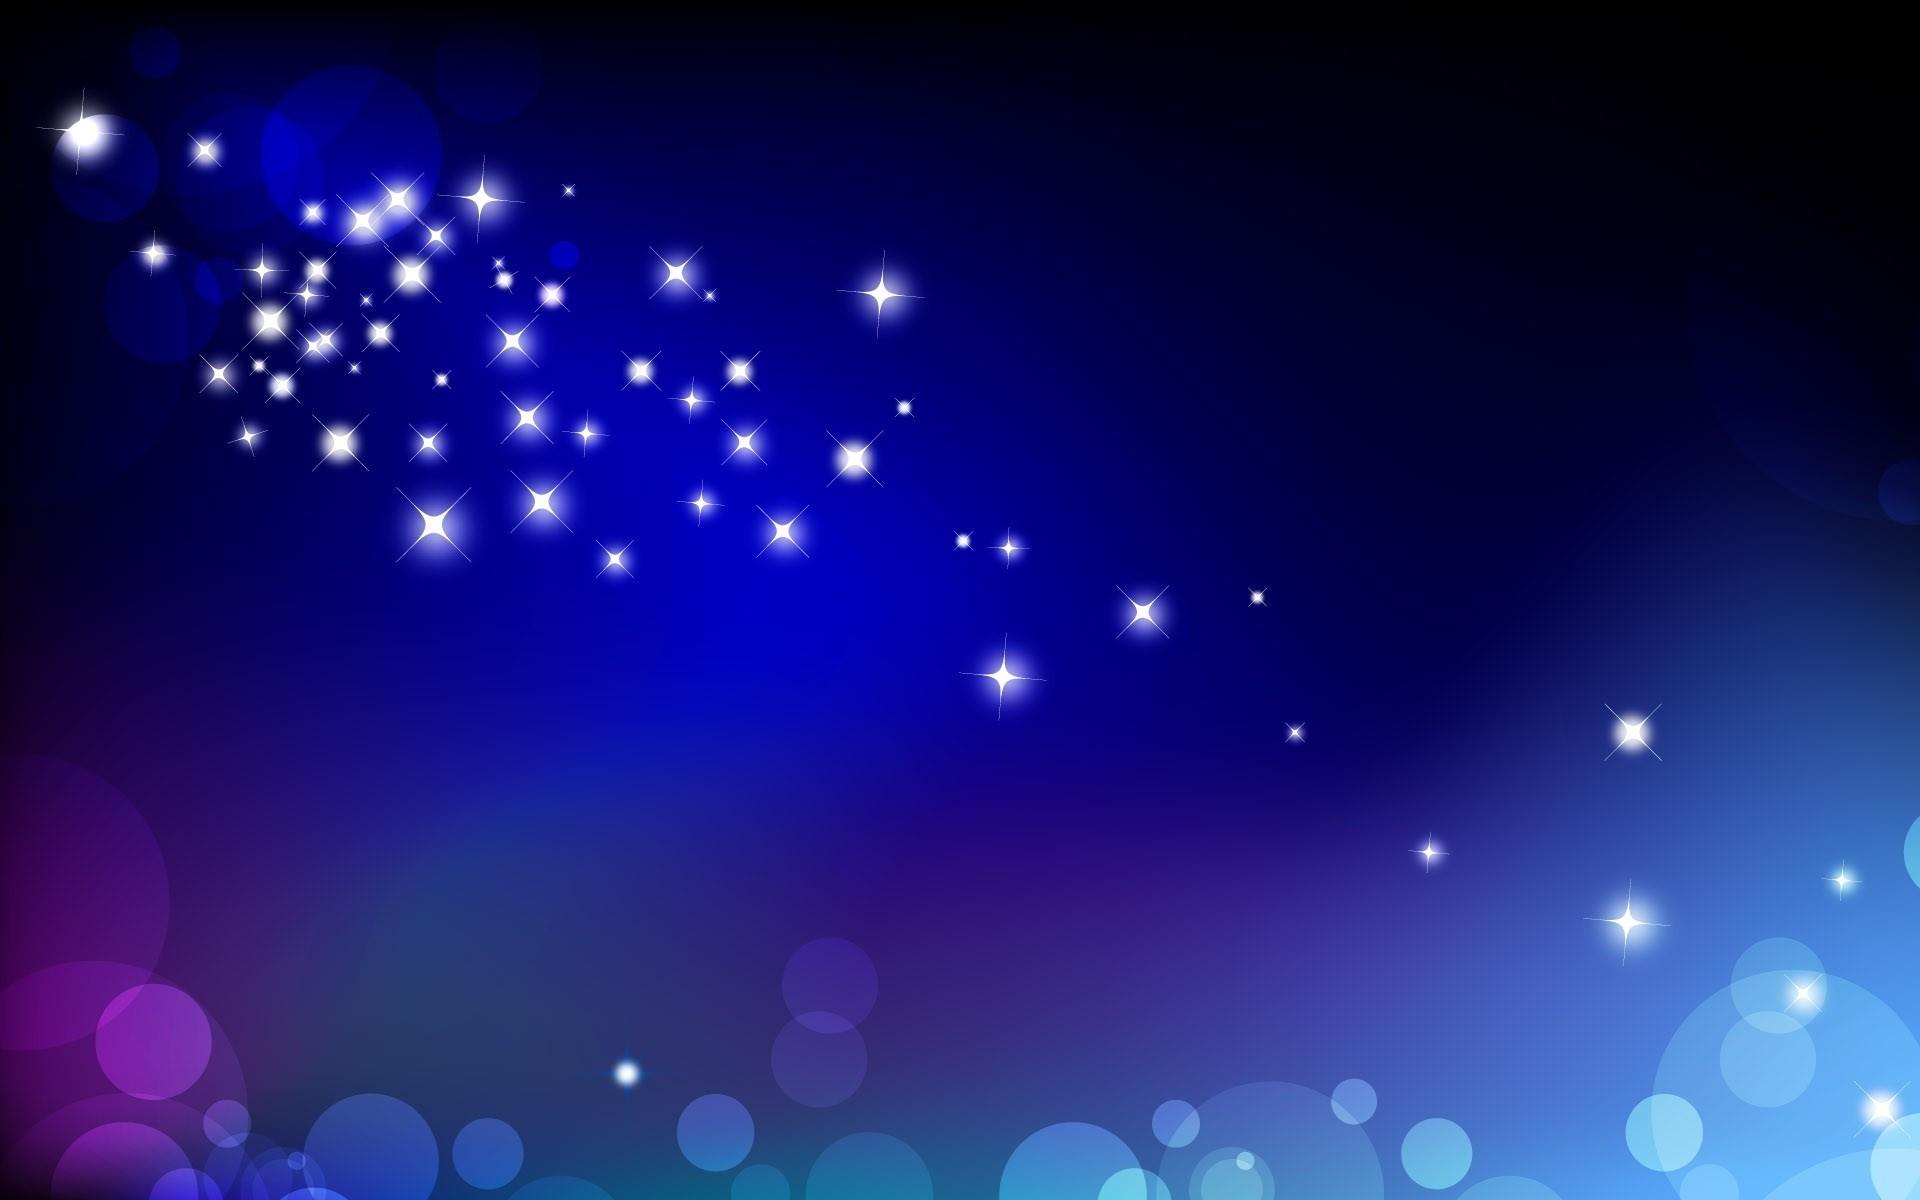 Sfondi glitter 54 immagini for Immagini con brillantini